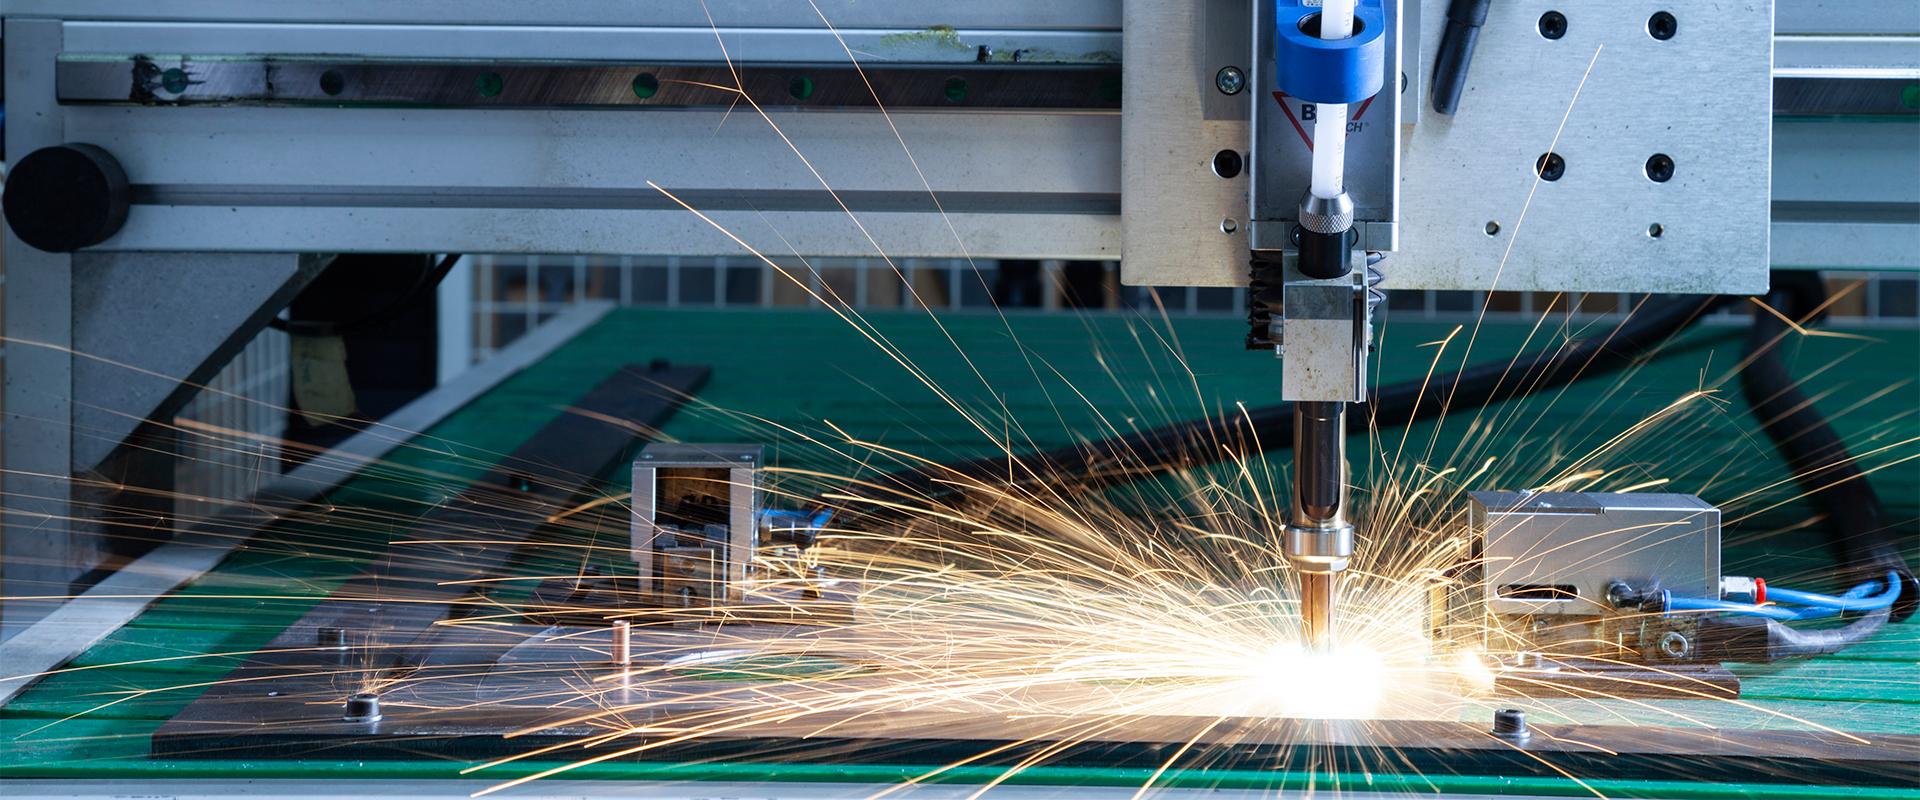 Lavorazioni metalliche: come vengono eseguite?